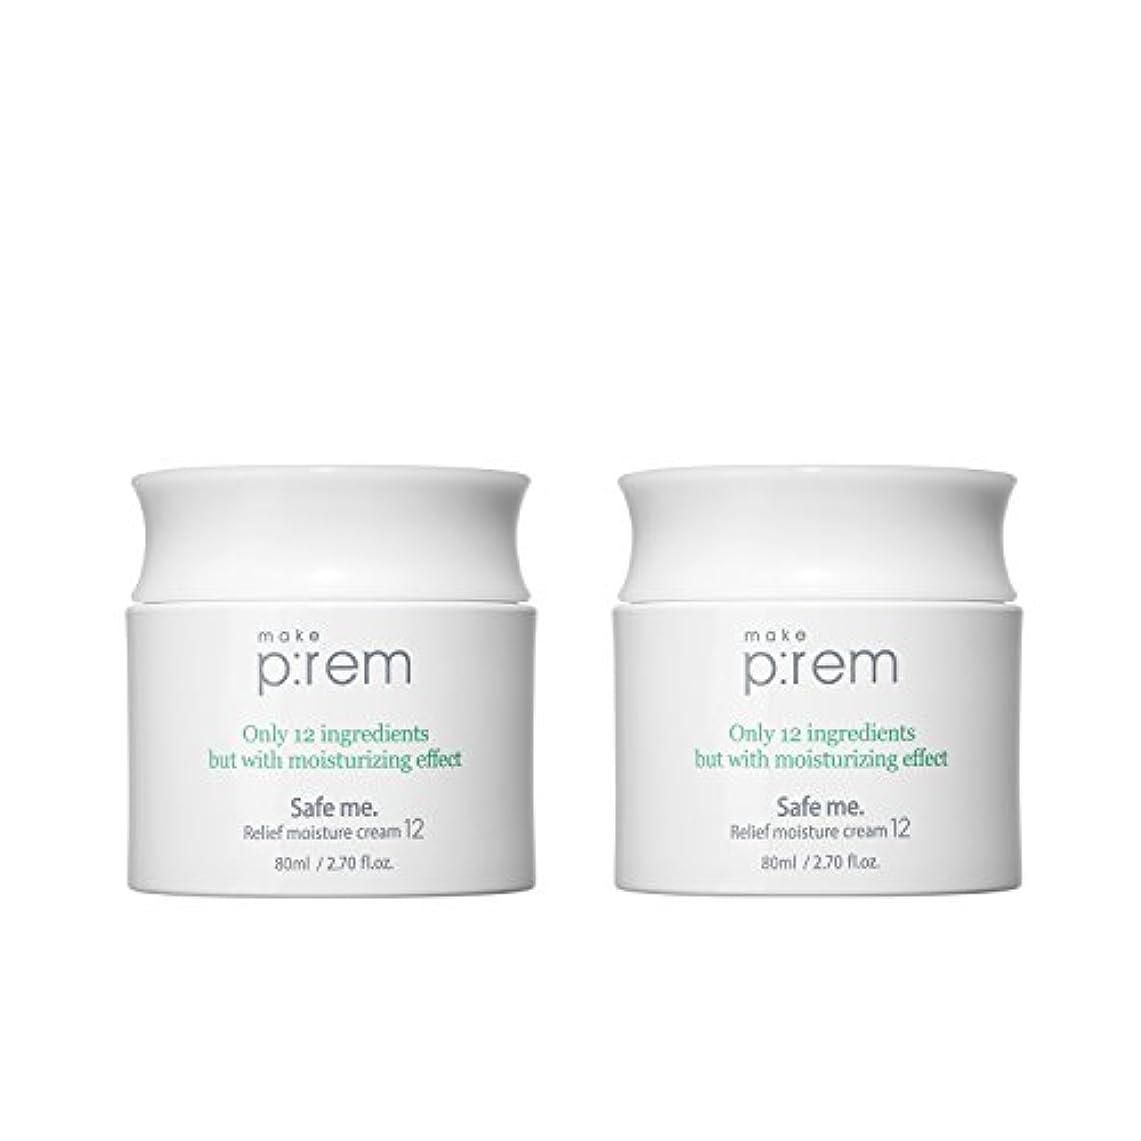 ヒュームコンペ旅(2個セット) x [MAKE P:REM] メイクプレム セーフミ?リリーフモイスチャークリーム12 80ml / Safe me. Relief moisture Cream 12 80ml / / 韓国製 . 海外直送品